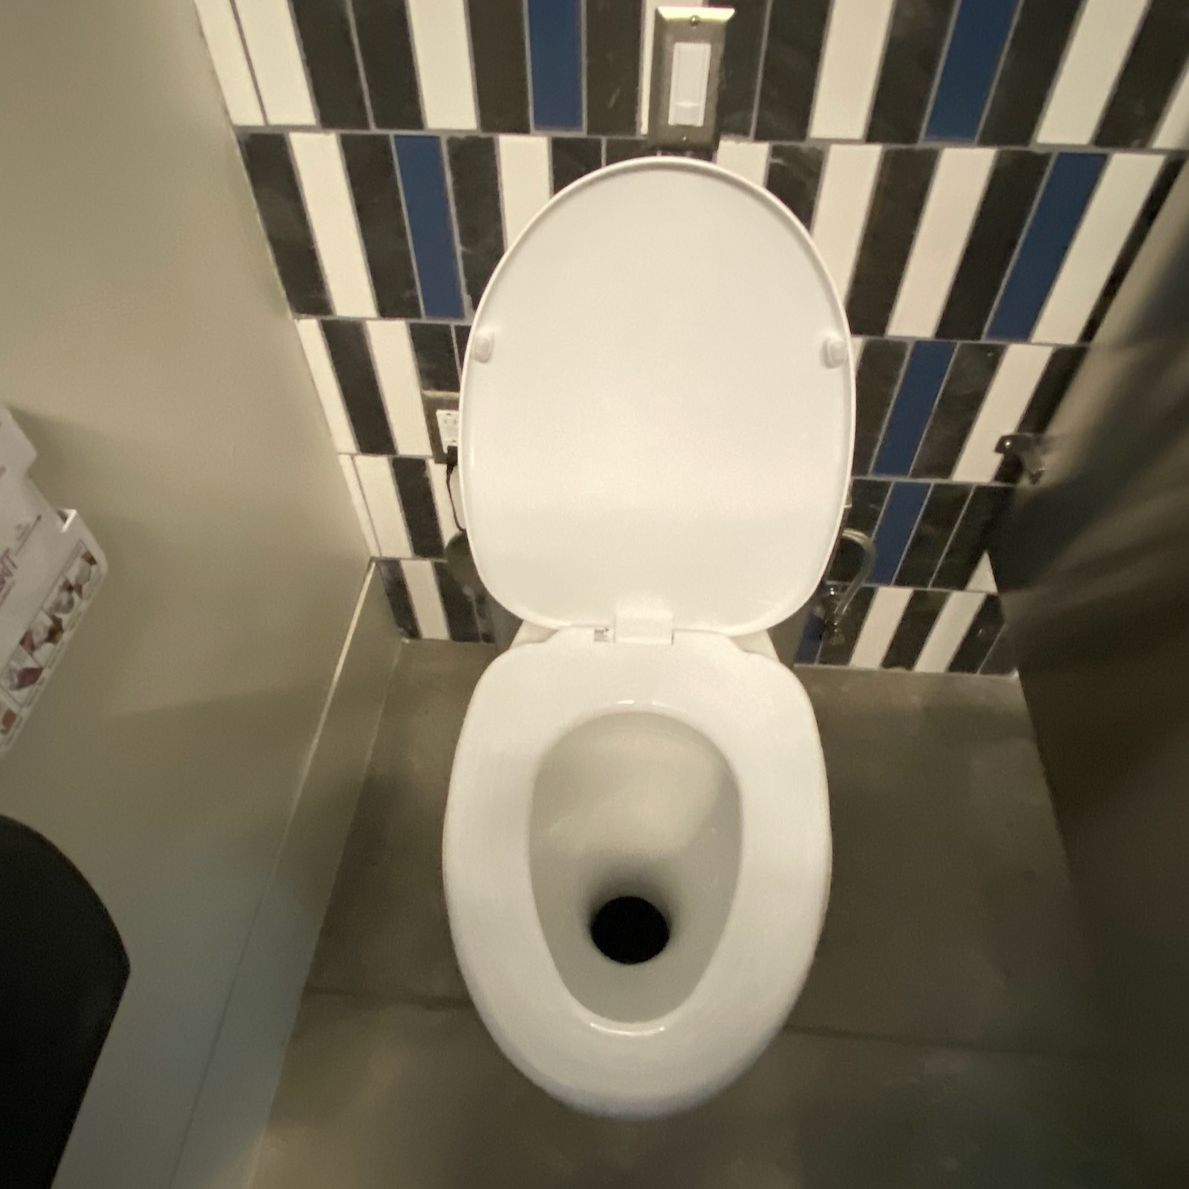 Clivus Multrum foam toilet